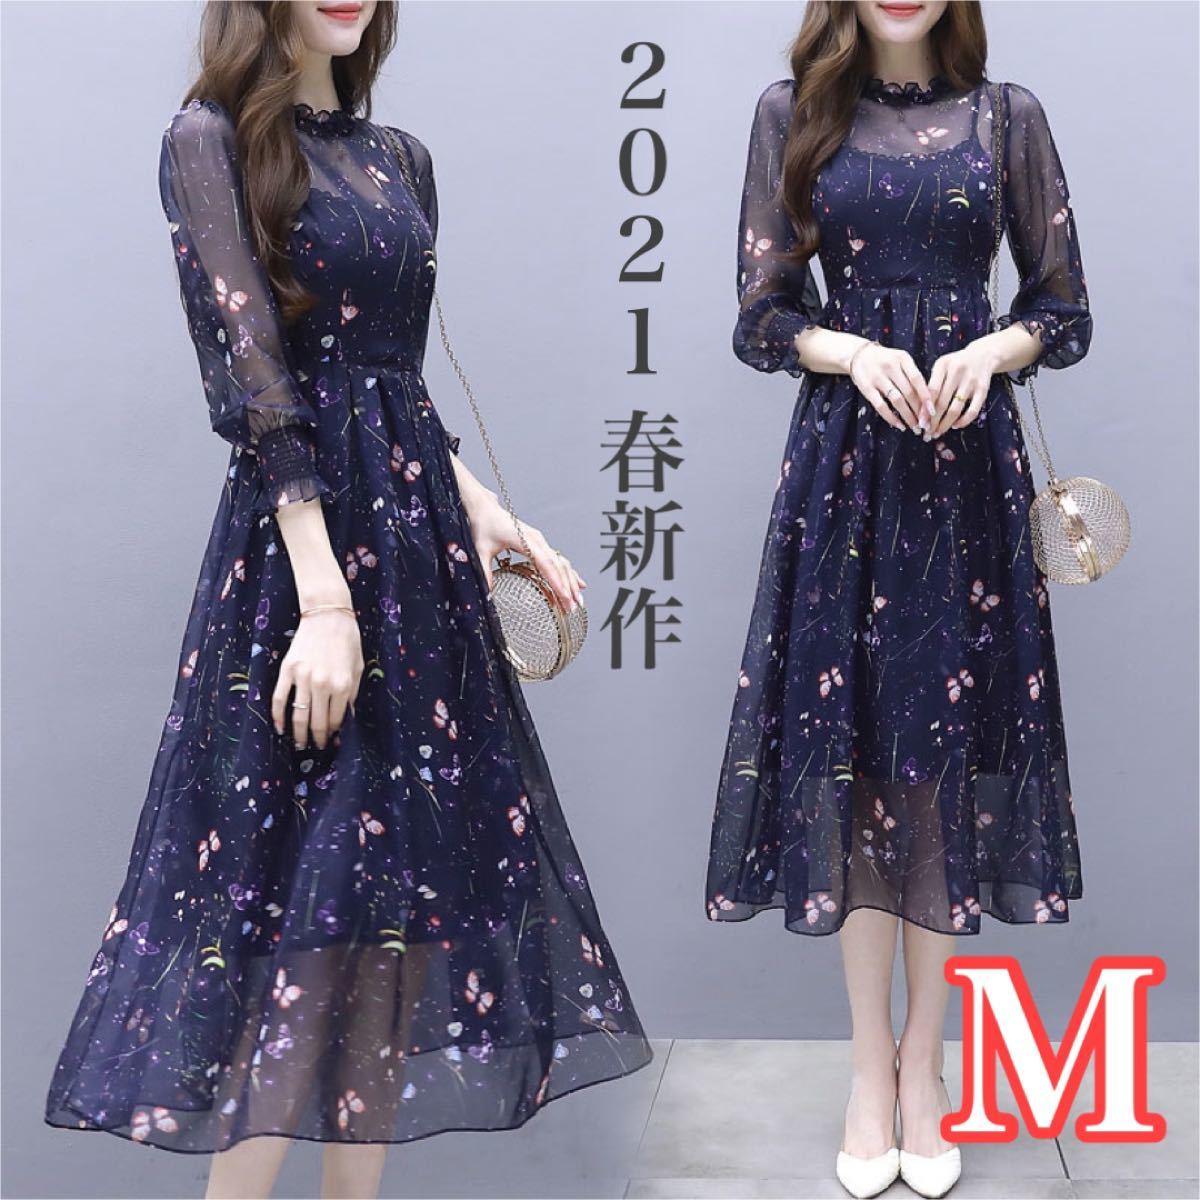 ワンピース 韓国 夏 レディース 結婚式 ロングワンピース ドレス M レディースワンピース 花柄 レディースファッション